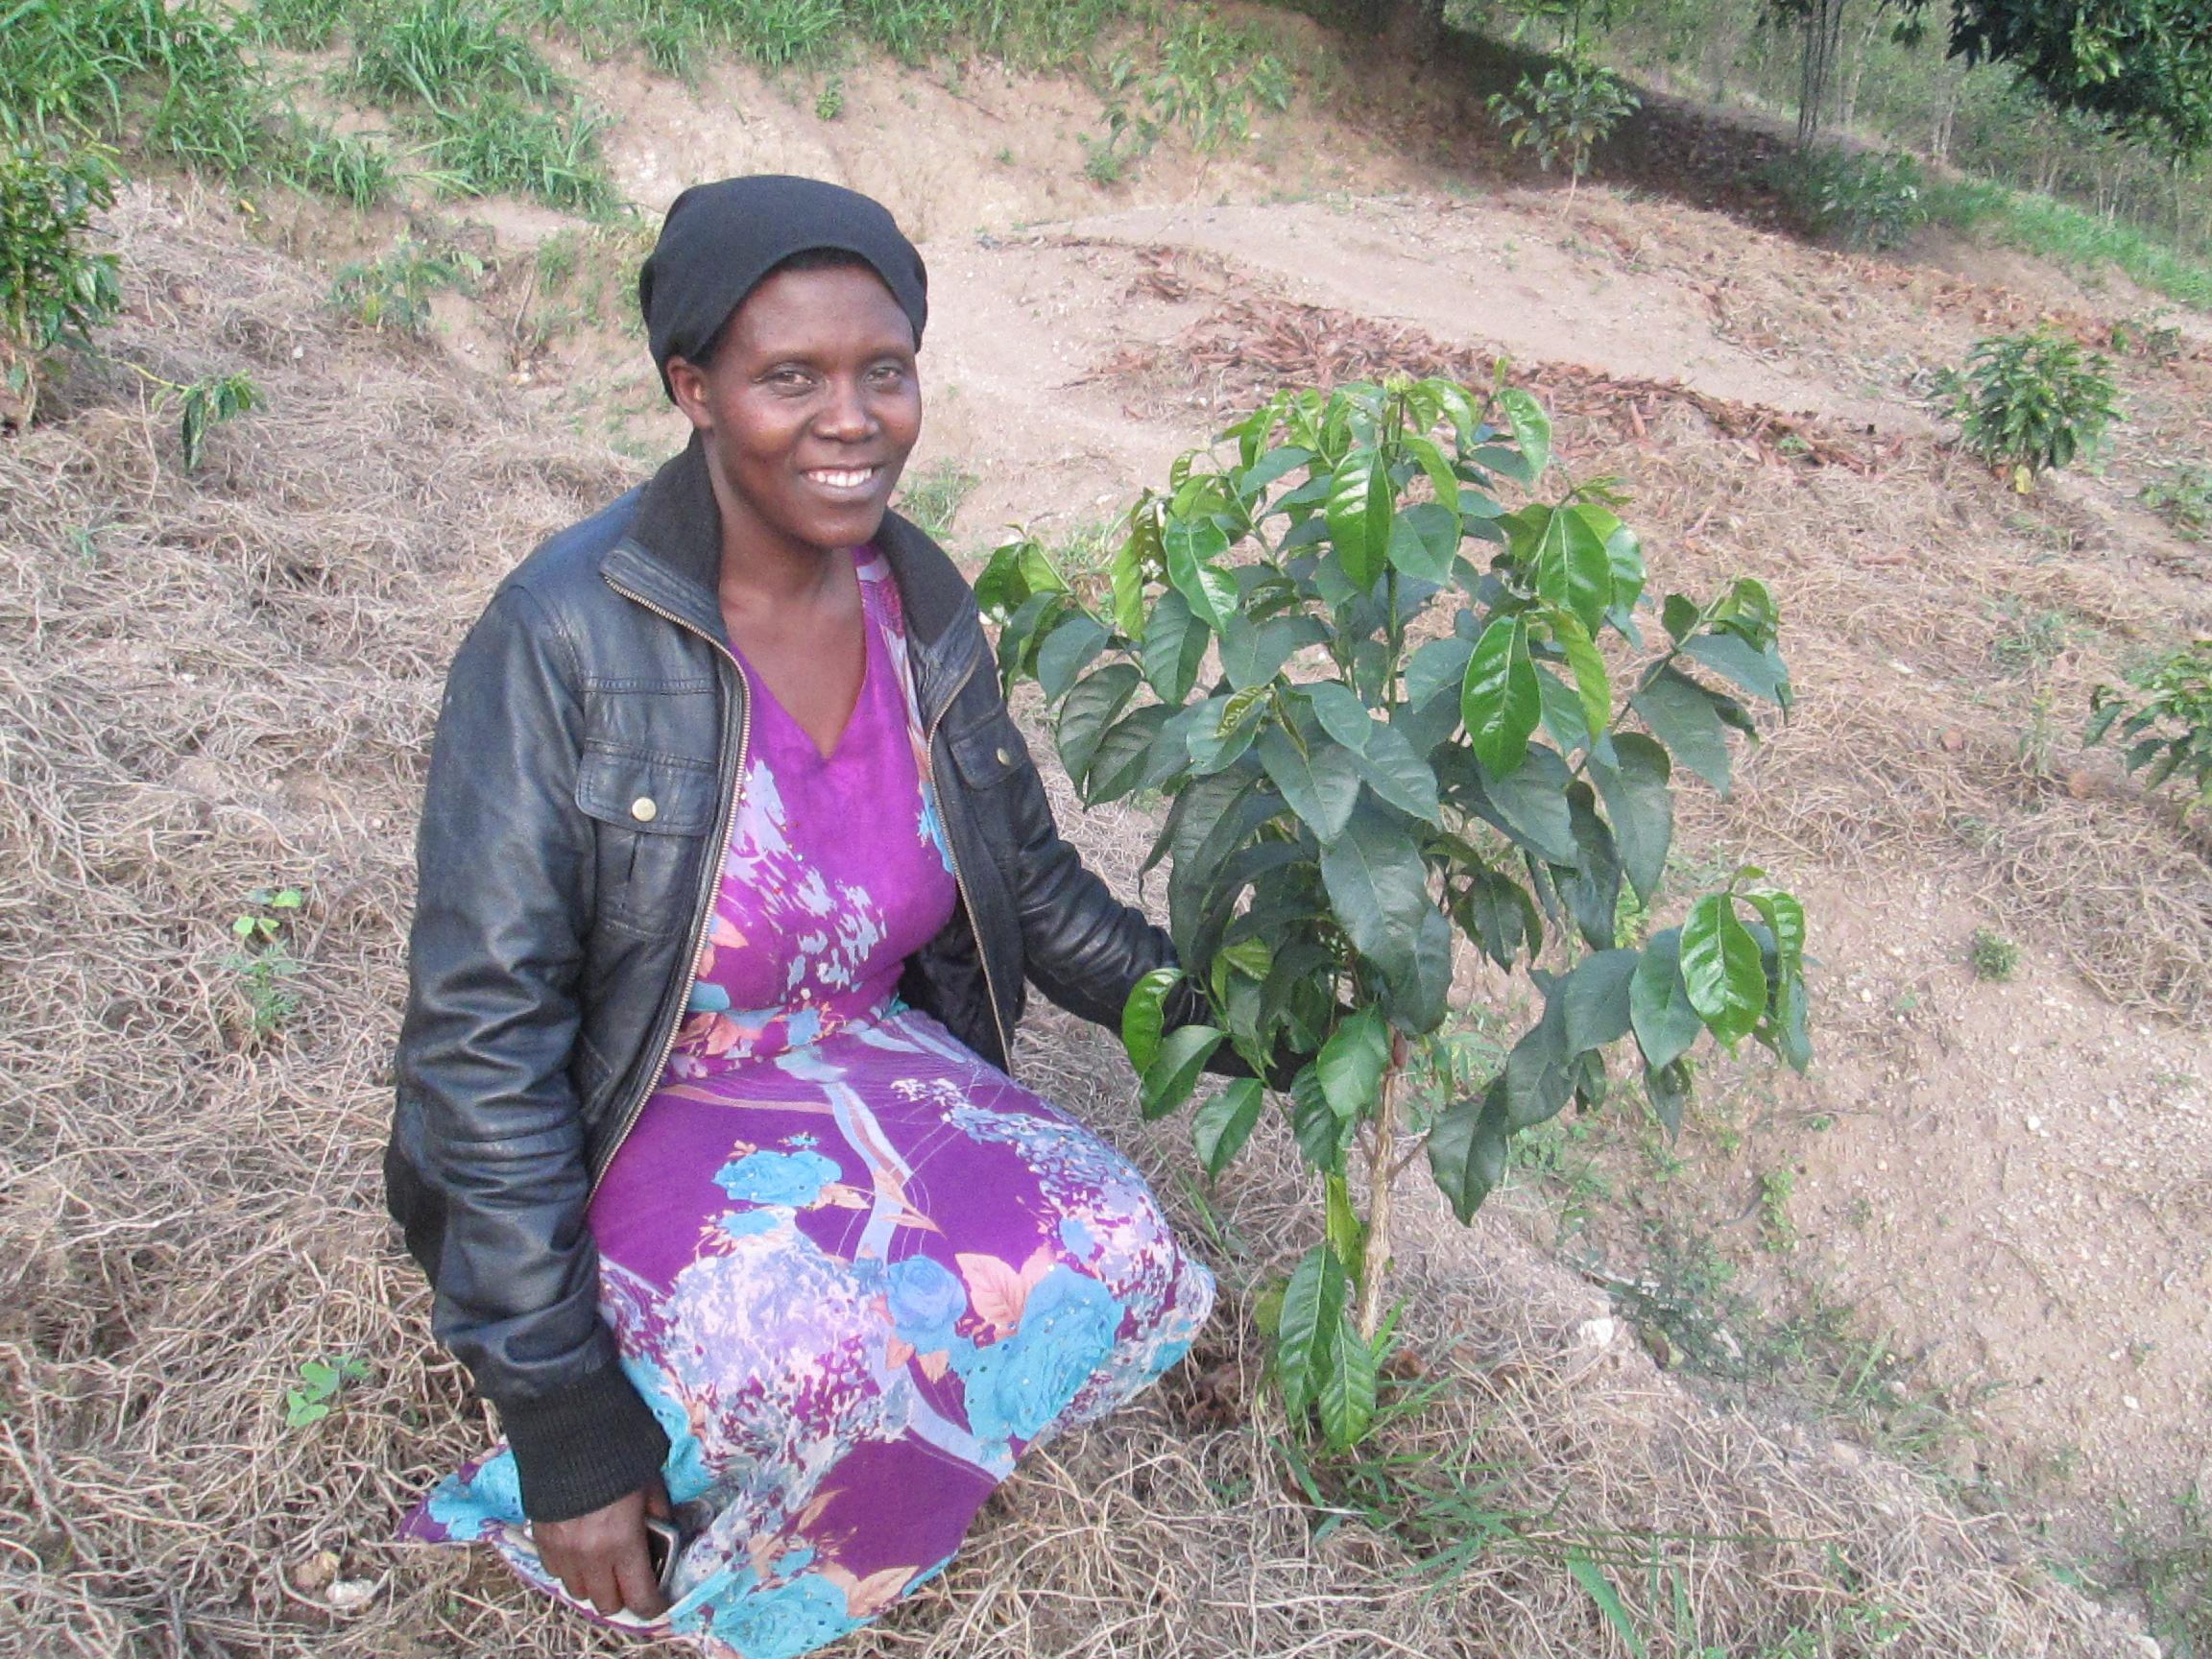 Josephine Mukamana is een koffieboer in Afrika en heeft een Pure Africa microfinanciering.